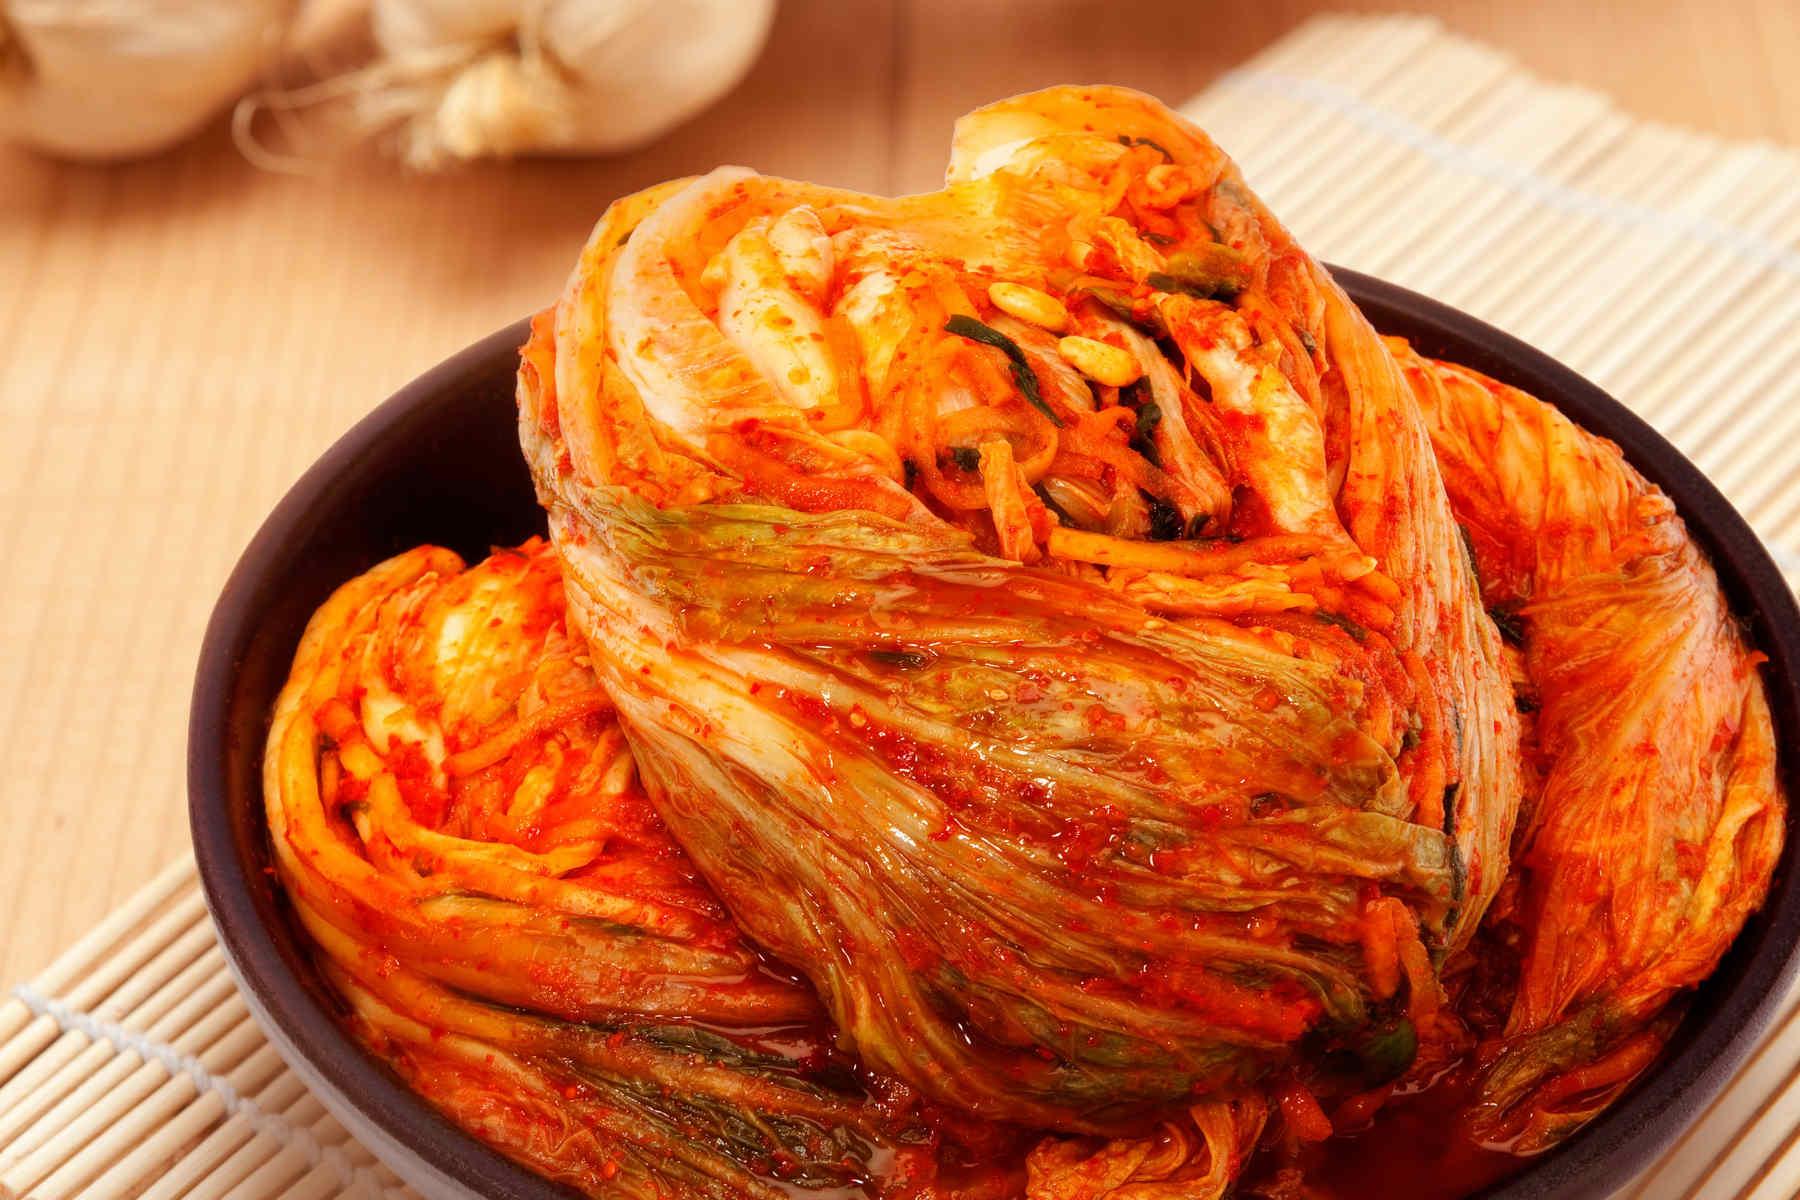 Le kimchi fabriqué sans produits de la mer a la même bactérie probiotique que le kimchi traditionnel.